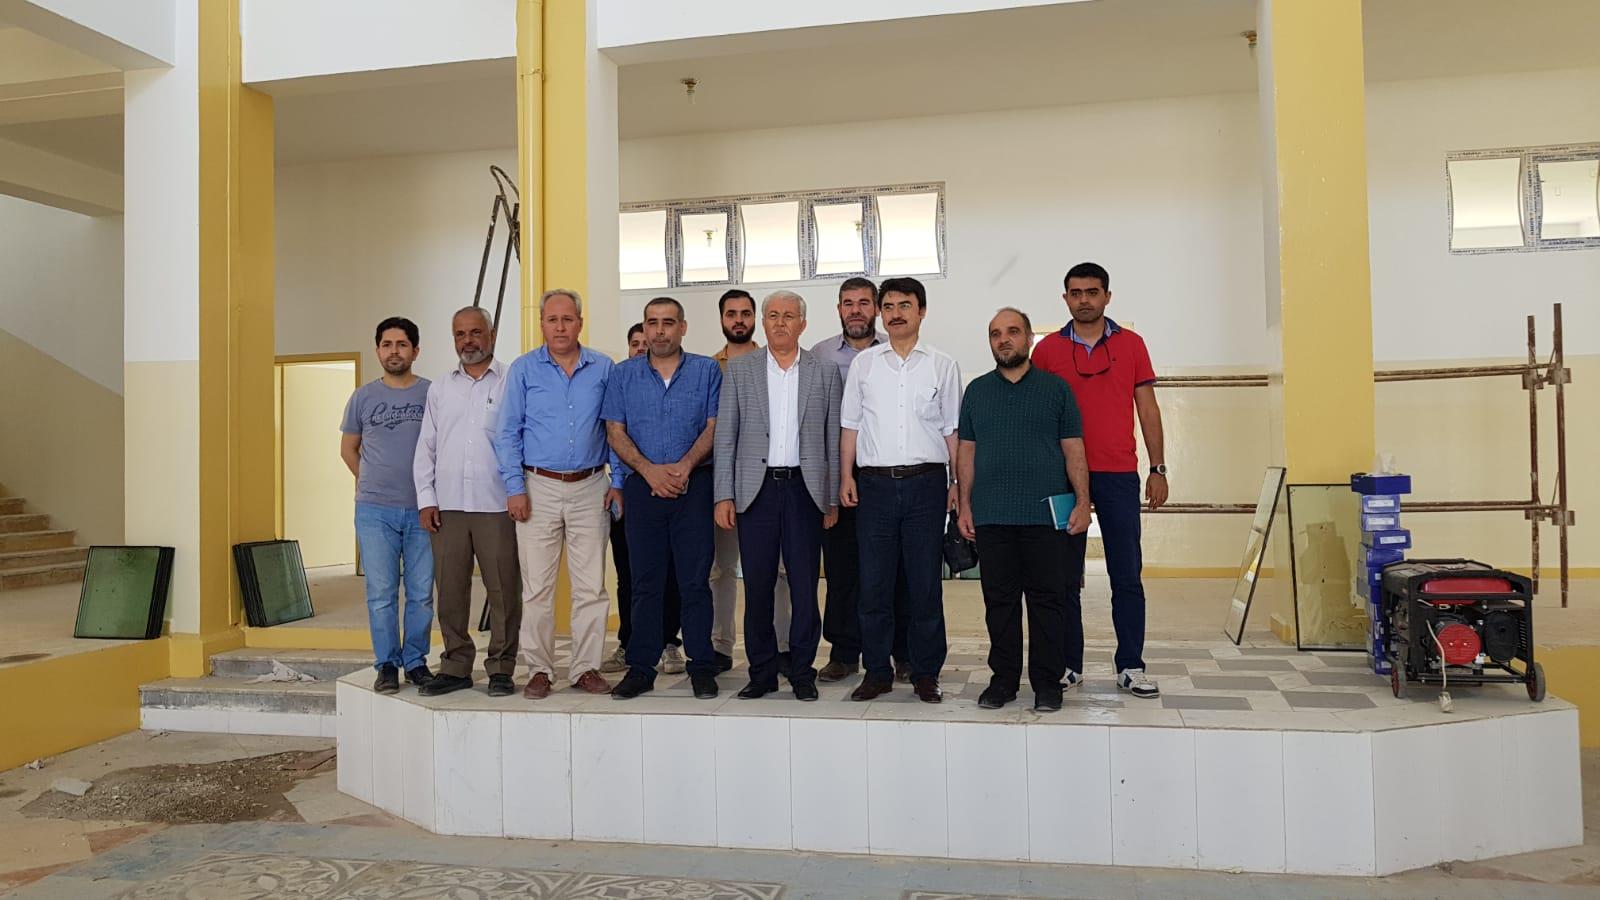 Harran Üniversitesi El-Bab'ta Kampus Kuruyor